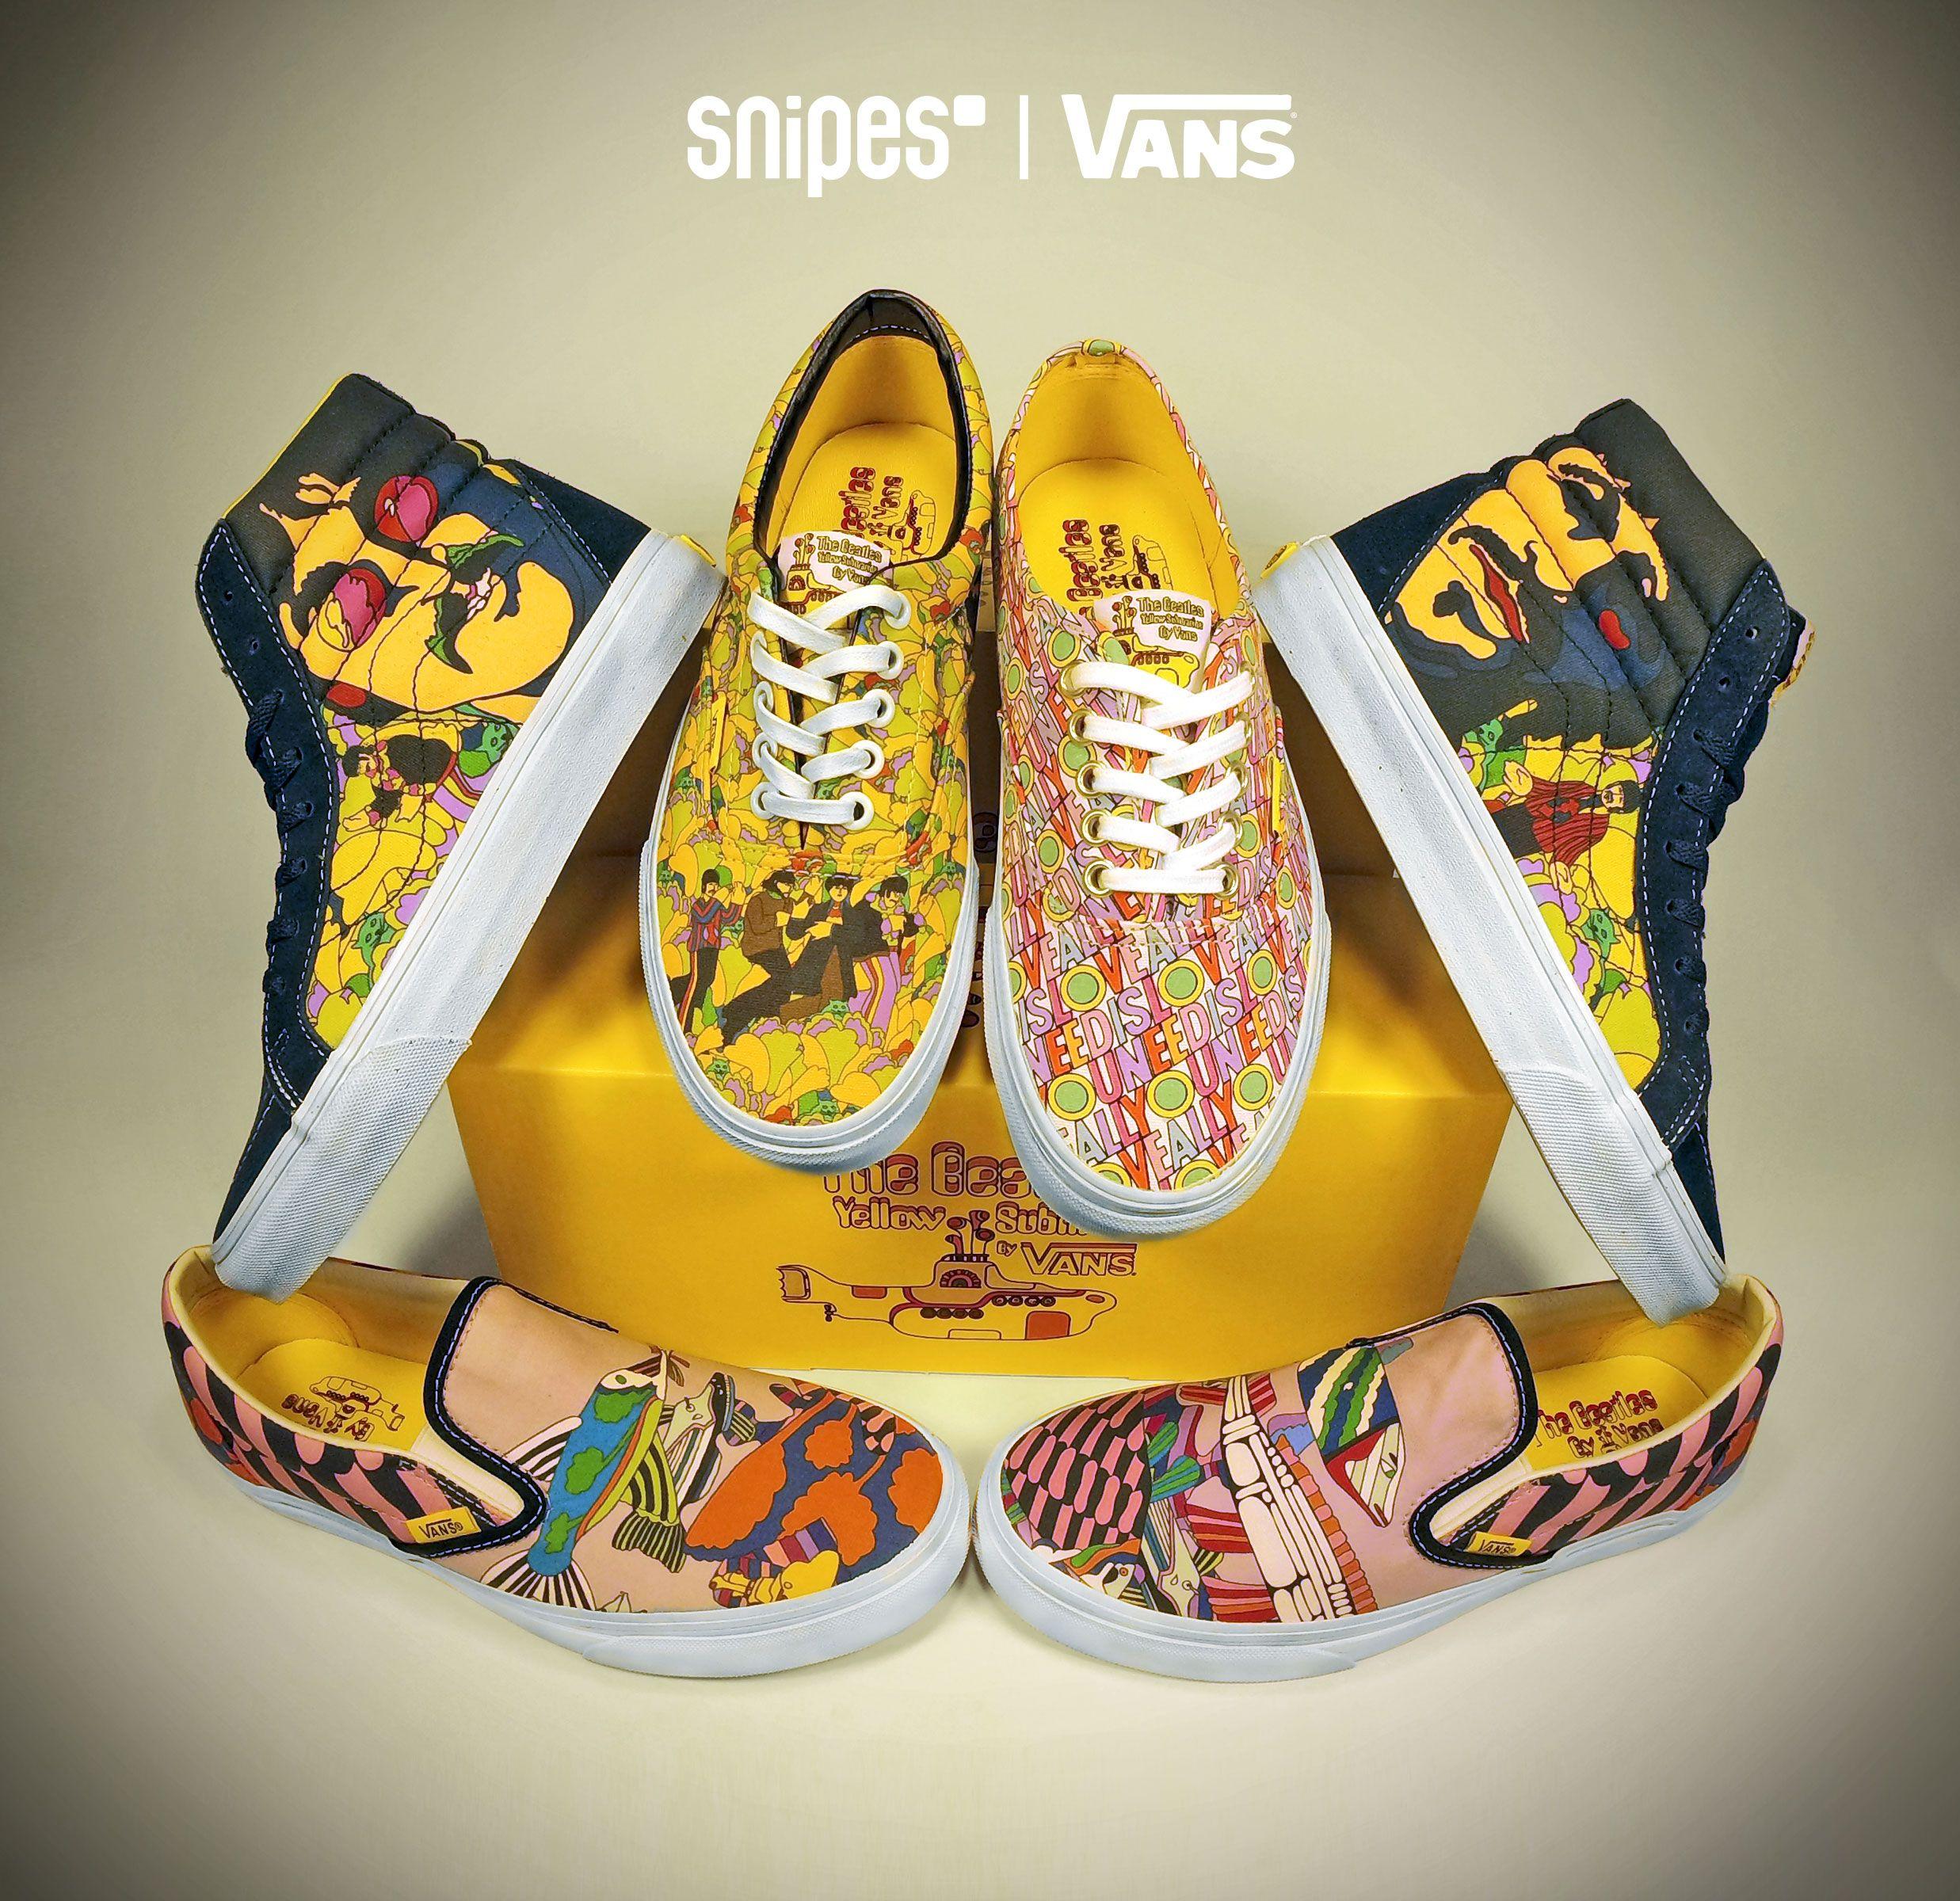 """VANS X Beatles! Vom Design ihres legendären Albums und Films inspiriert präsentieren sich die VANS Sneaker aus der """"Beatles Yellow Submarine Kollektion"""" mit farbenfrohen Grafikprints und der charakteristischen VANS Waffel-Sohle. Vom VANS Authentic, Slip-On, Era bis zum Old Skool Sk8-HI sind alle Modelle vertreten. Online only unter www.snipes.com/vans. #vans #beatles #snipes"""